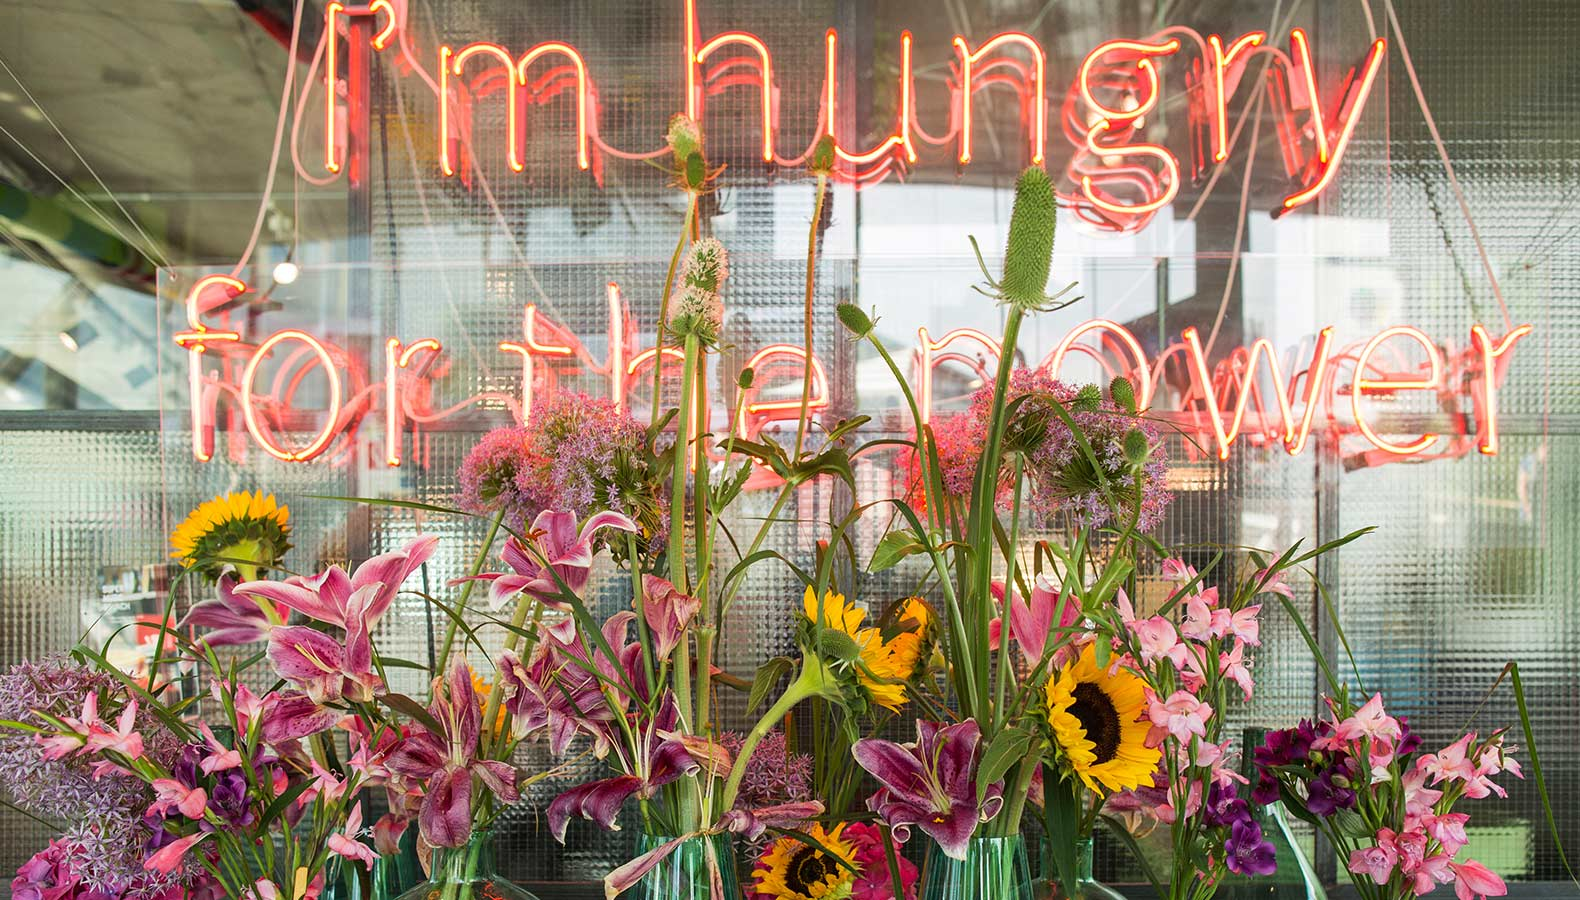 Einzelstielblumen vor einem Neon Schriftzug, auf dem steht: